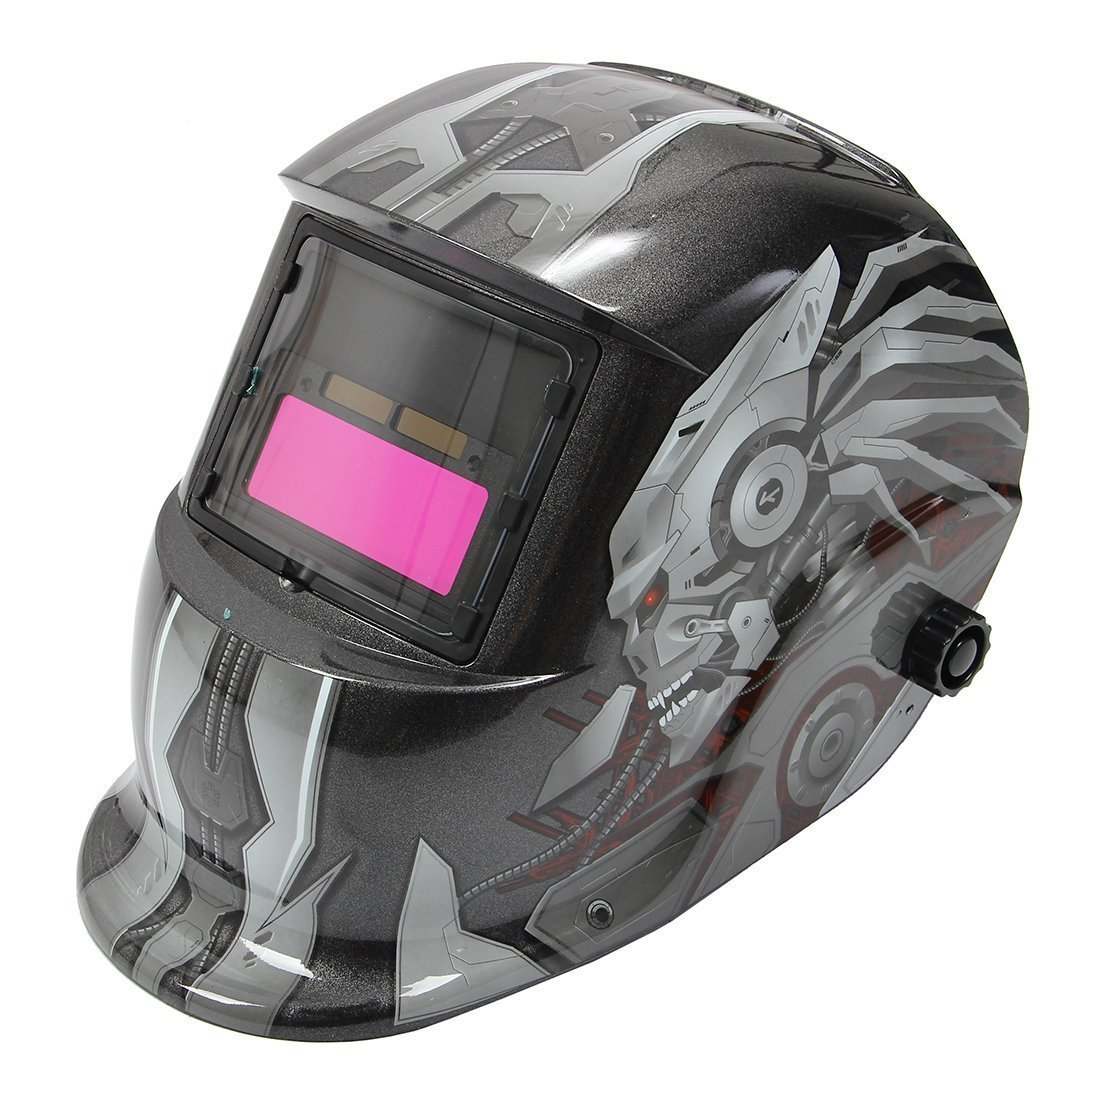 TOOGOO mascara casco de soldadura de oscurecimiento auto solar patron de calavera mascara de soldador de molienda equipo de proteccion de soldadura